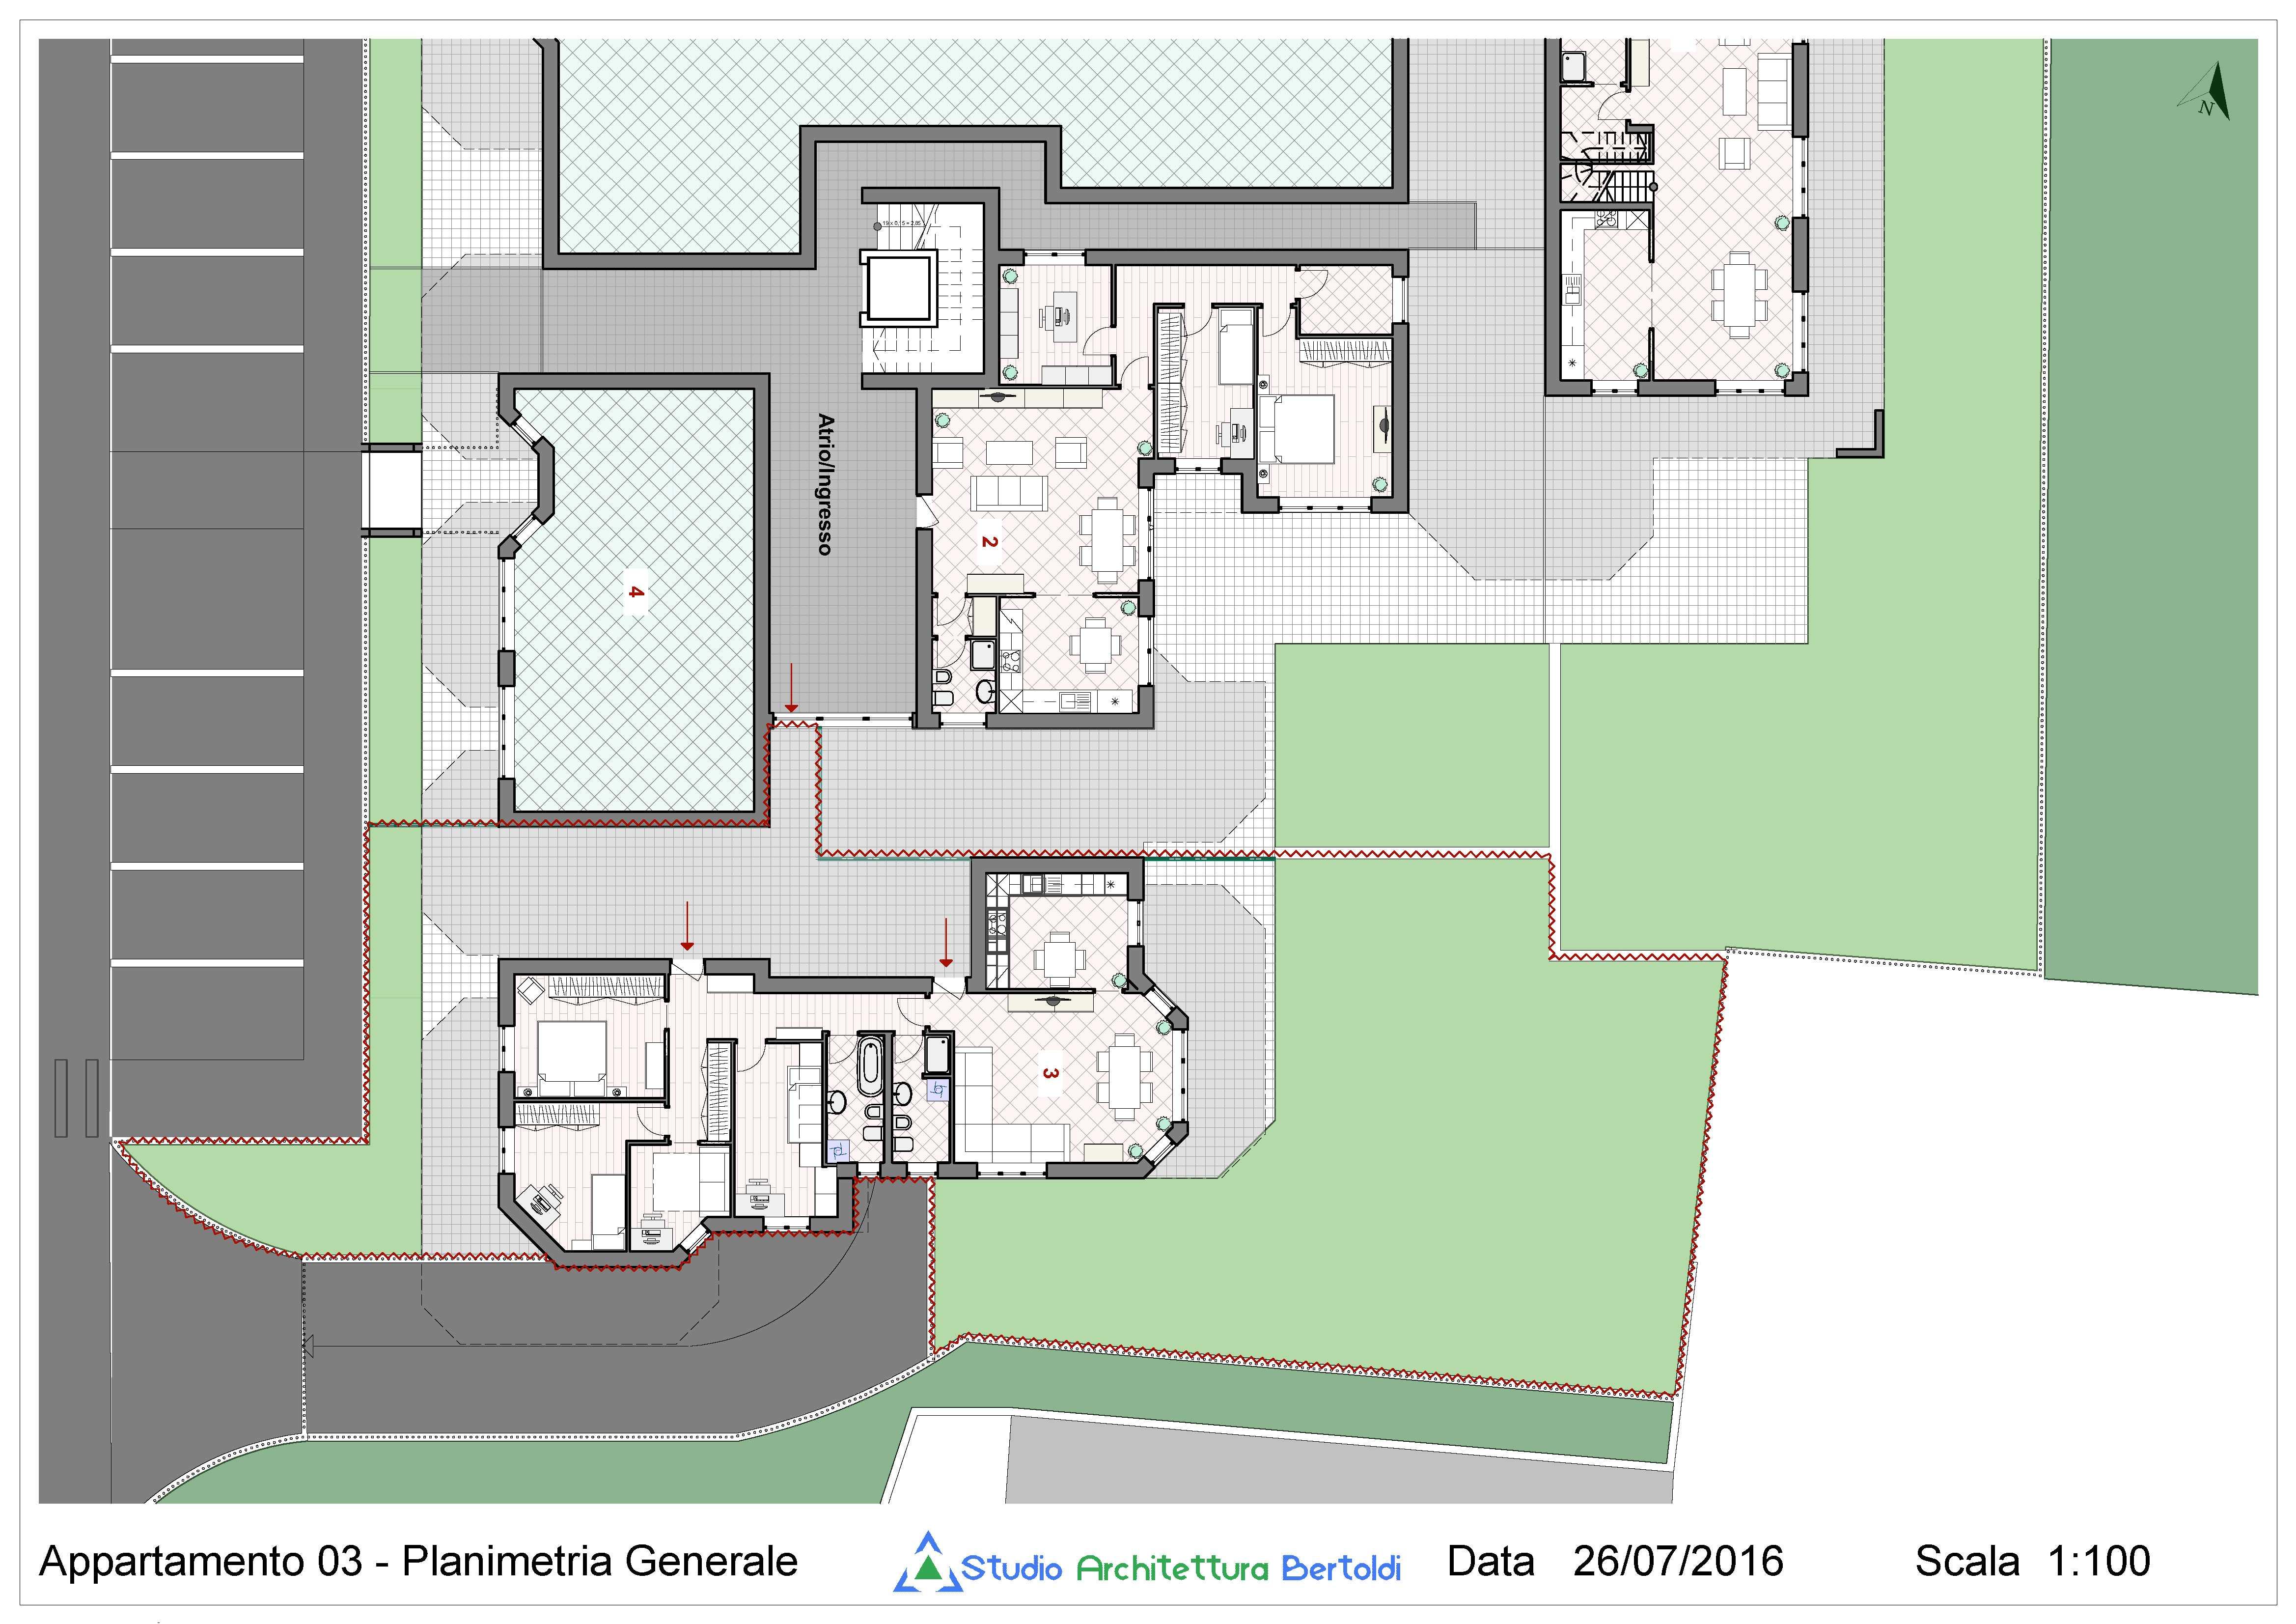 Mbd app q3pt studio architettura bertoldi for Ulteriori planimetrie